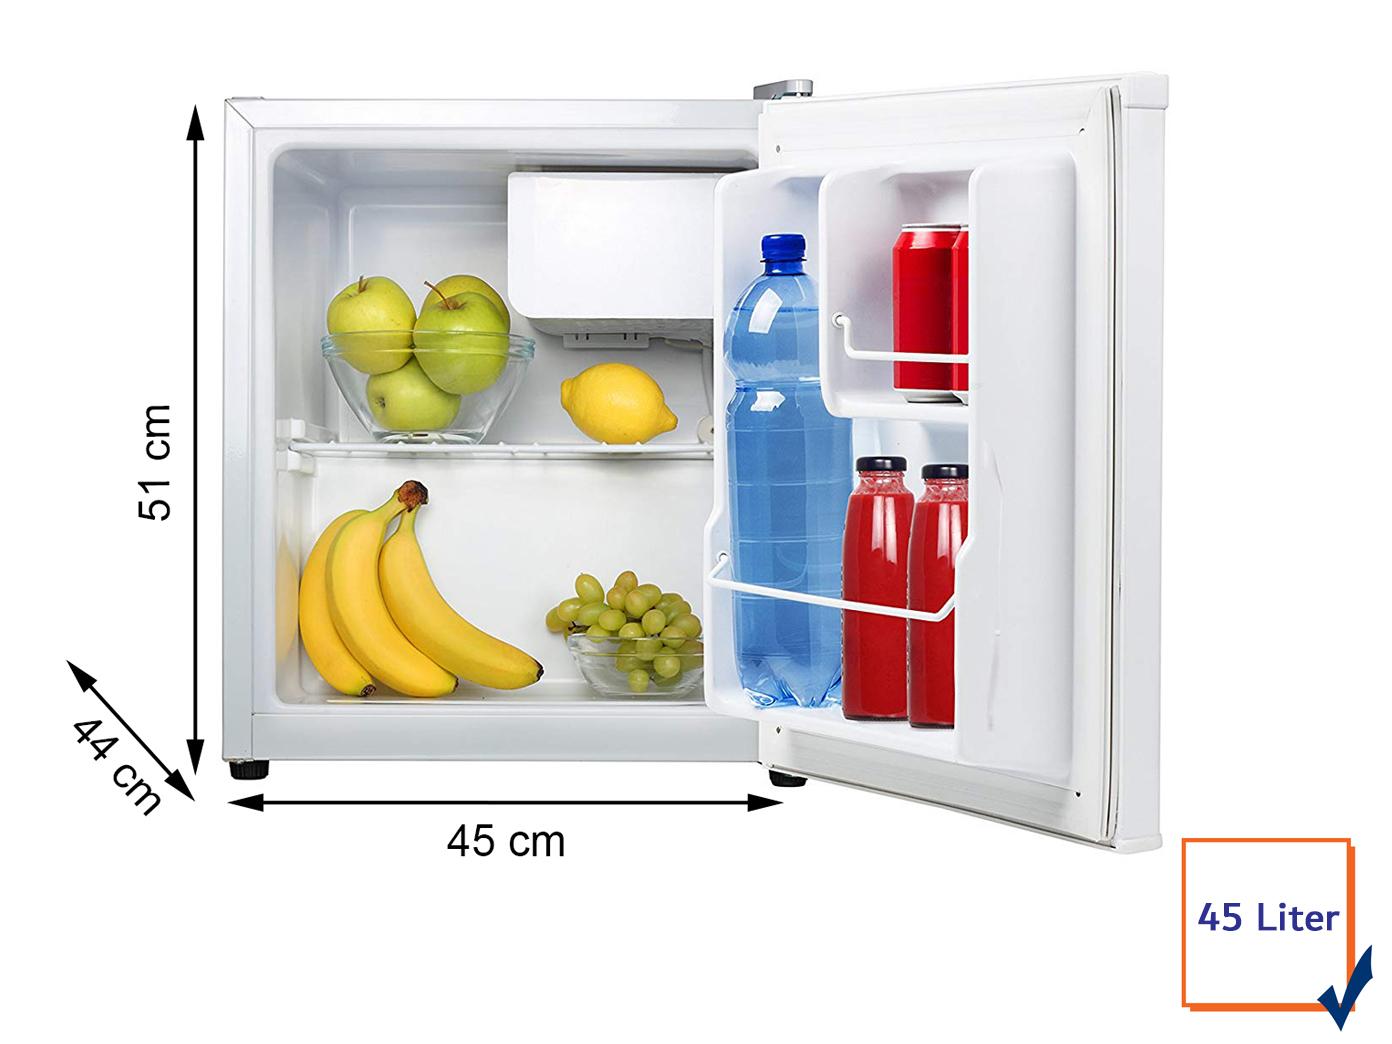 Kühlschrank Aufbau Hinten : Aufbau kühlschrank ablauf im kühlschrank verstopft so reinigen